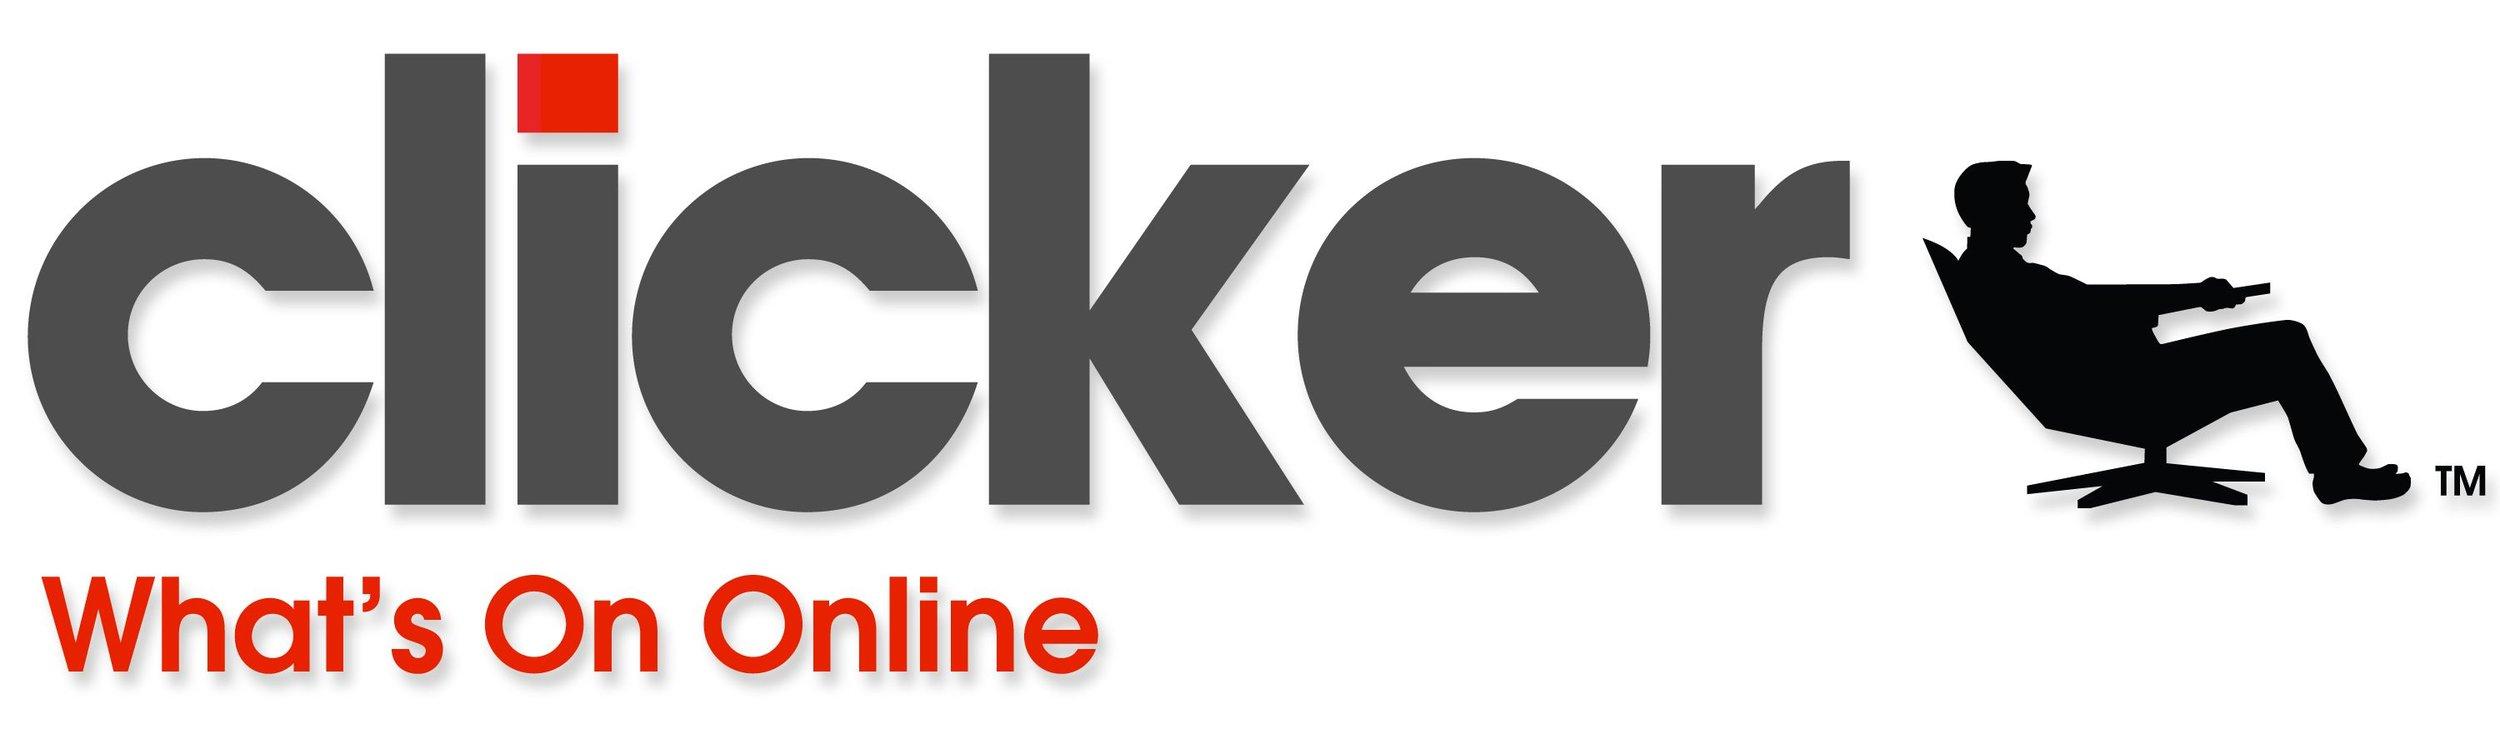 clicker_logo.jpg